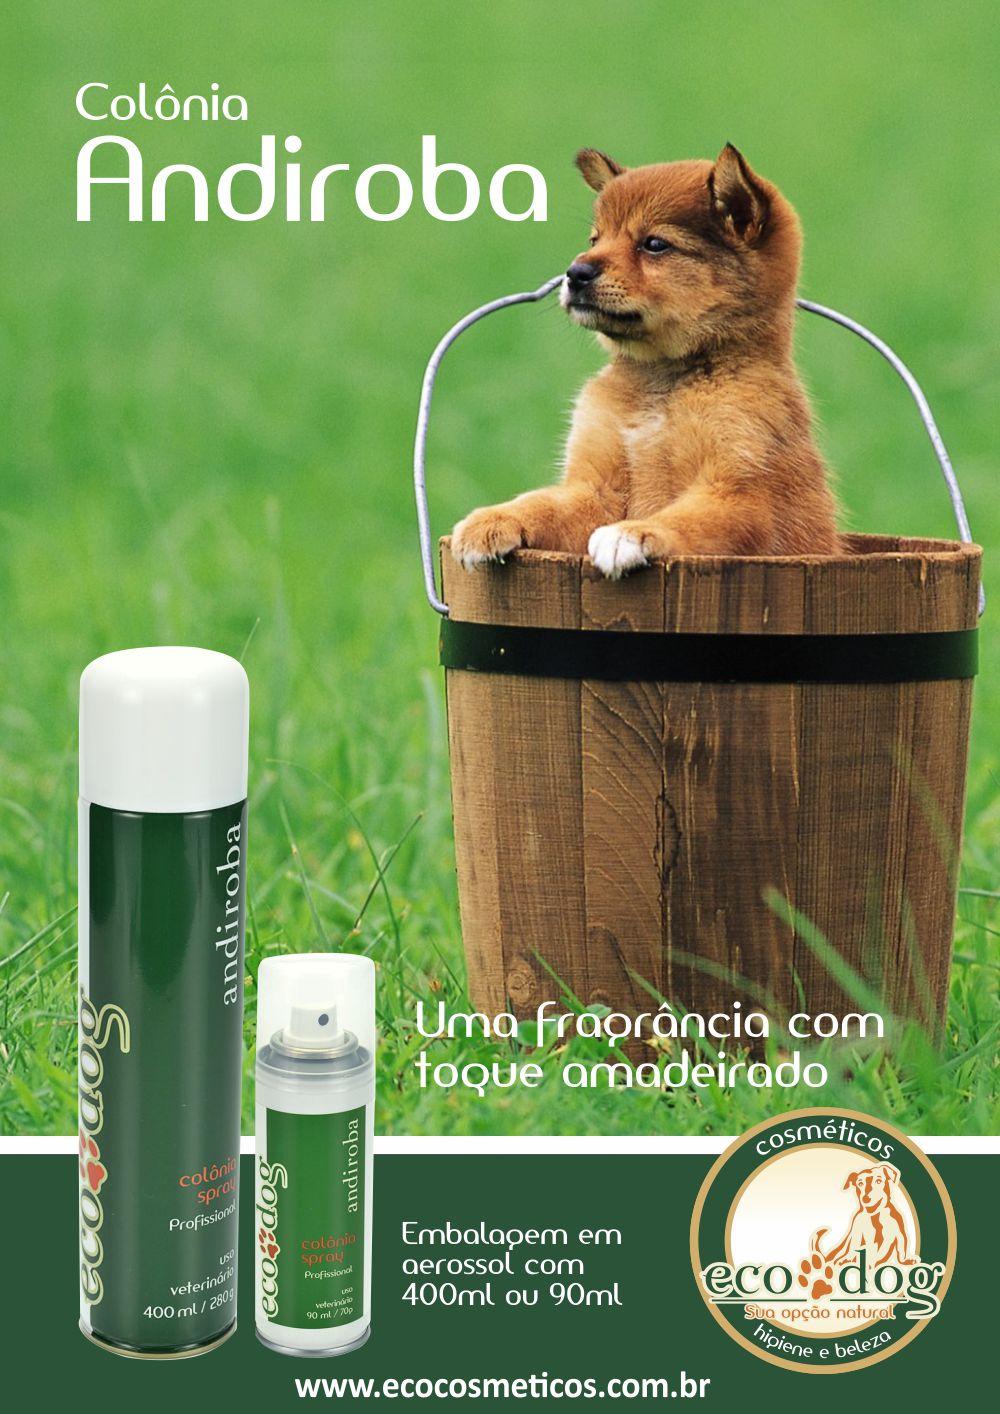 ecodog-poster-andiroba